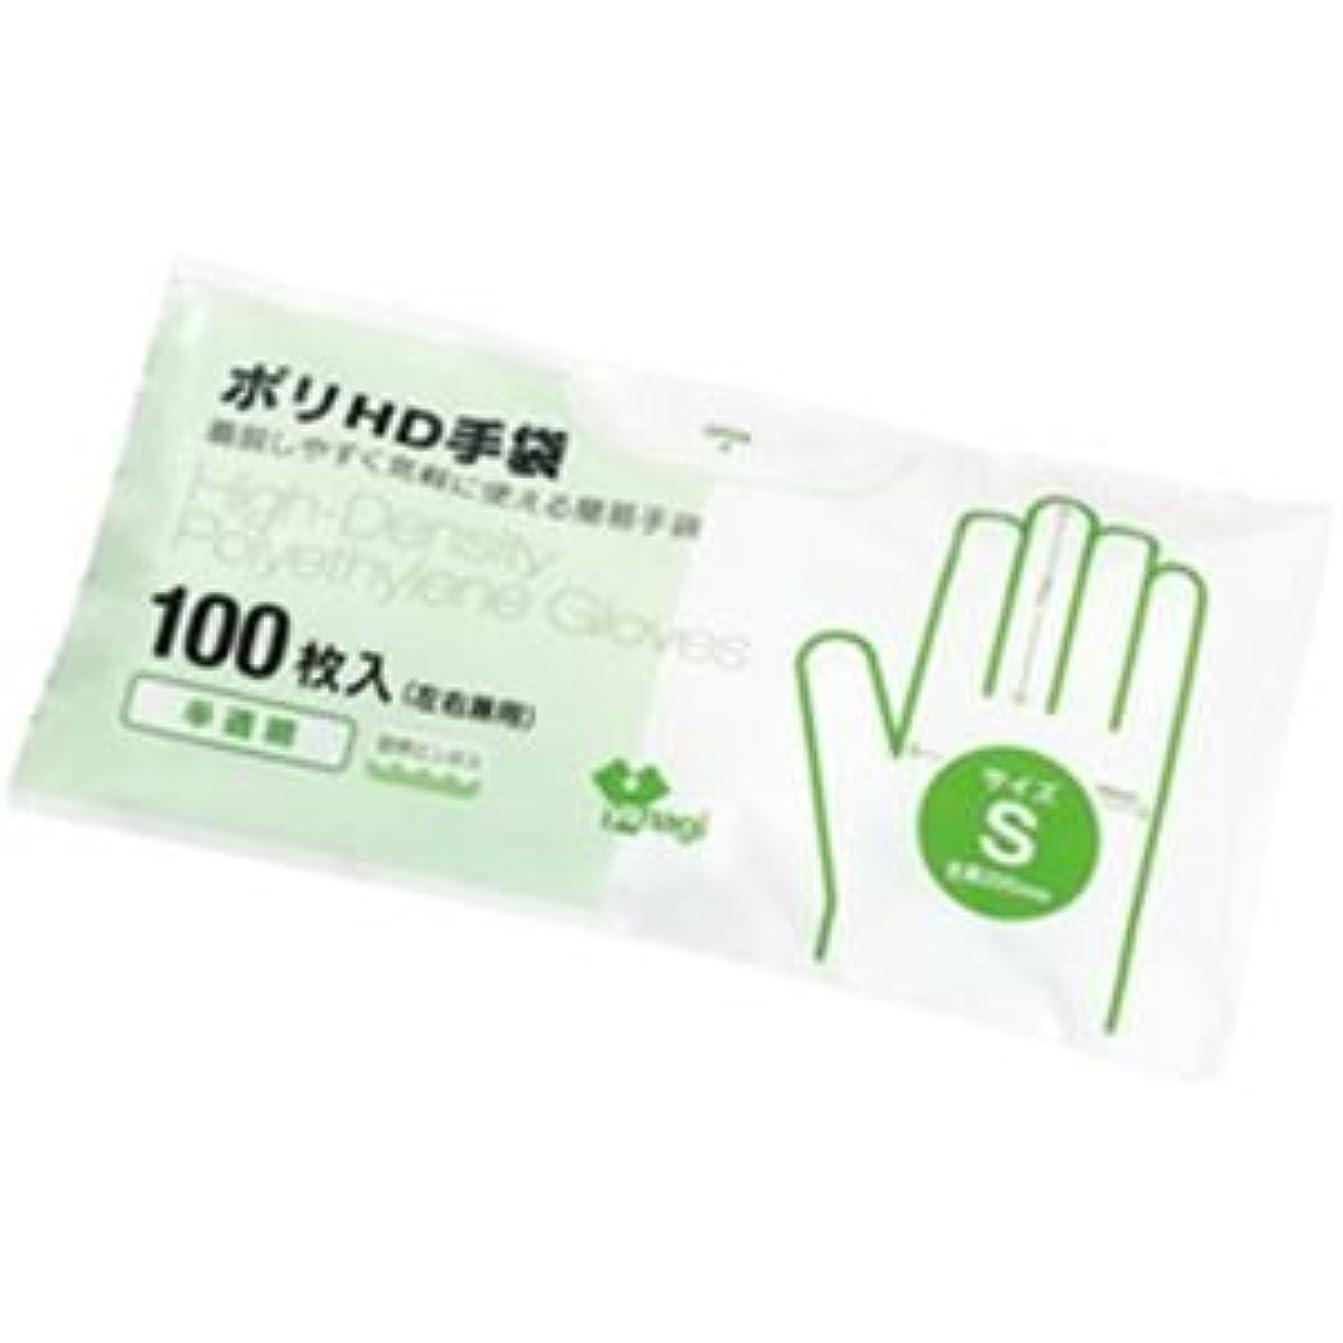 関連付けるセッティング暴露(業務用セット) やなぎプロダクツ 高密度ポリエチレン手袋 S 半透明 1箱(100枚) 【×30セット】 dS-1638275